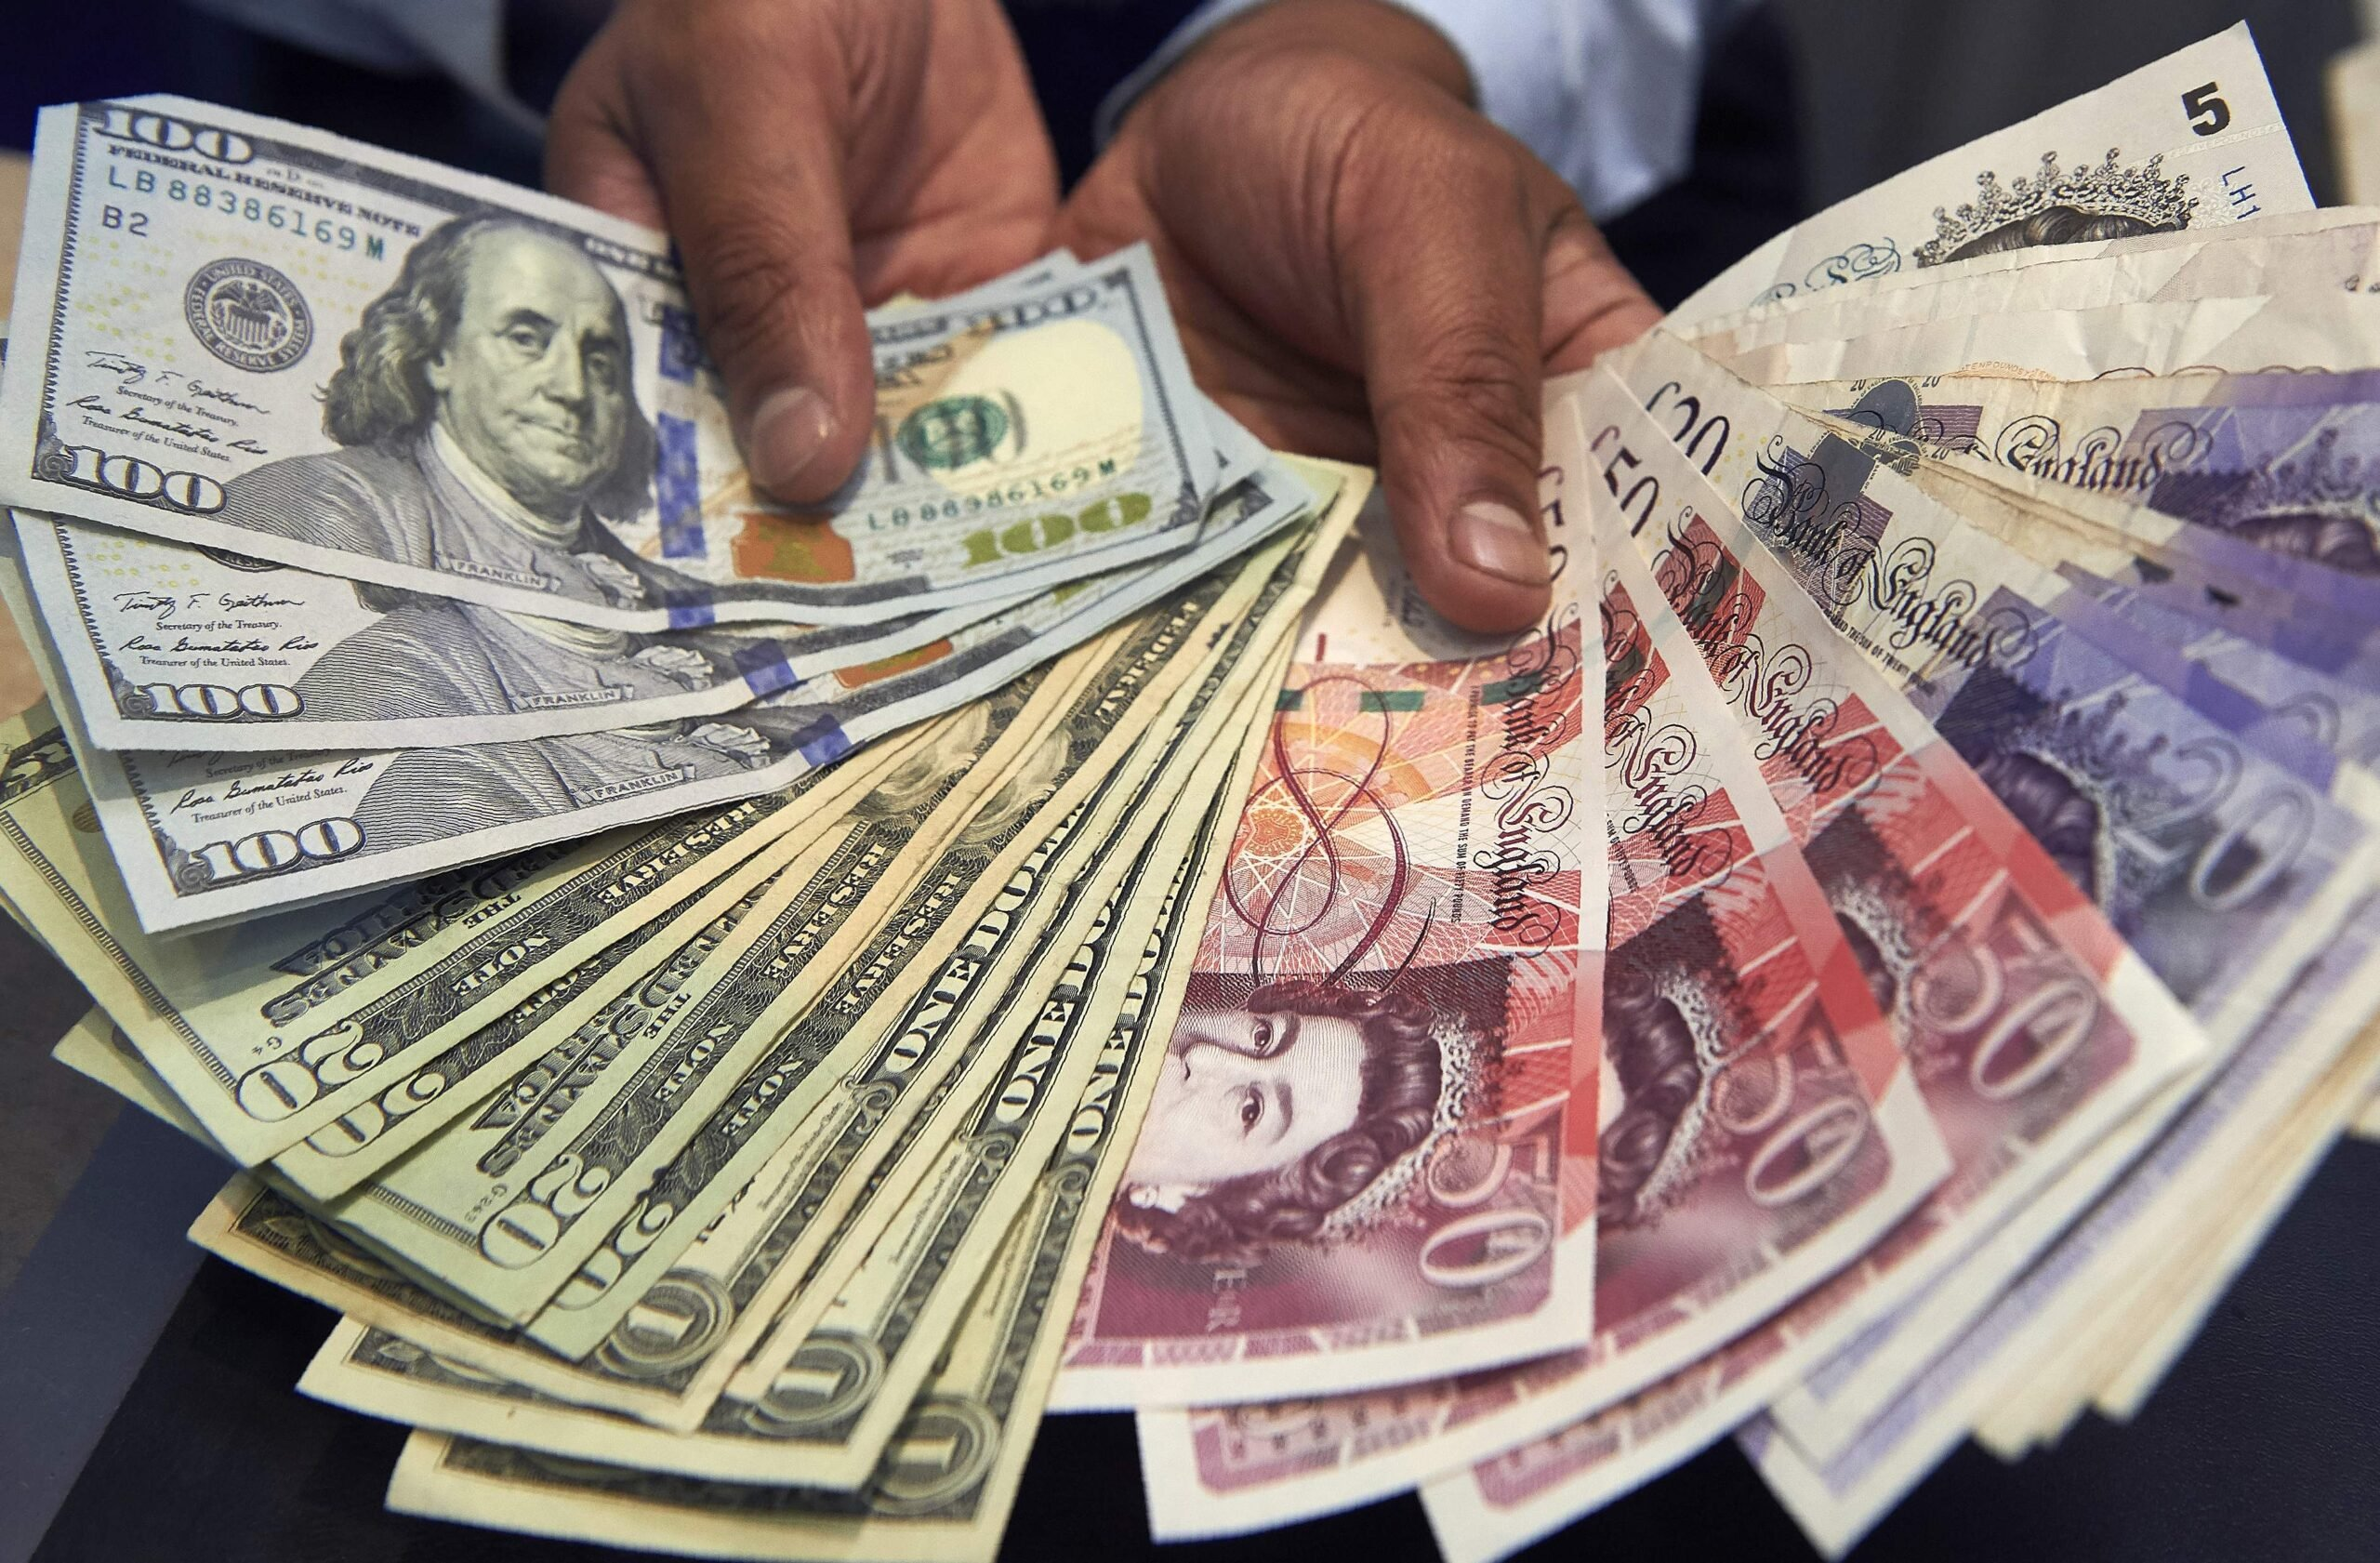 Por que o dólar aumenta enquanto outras moedas enfraquecem?